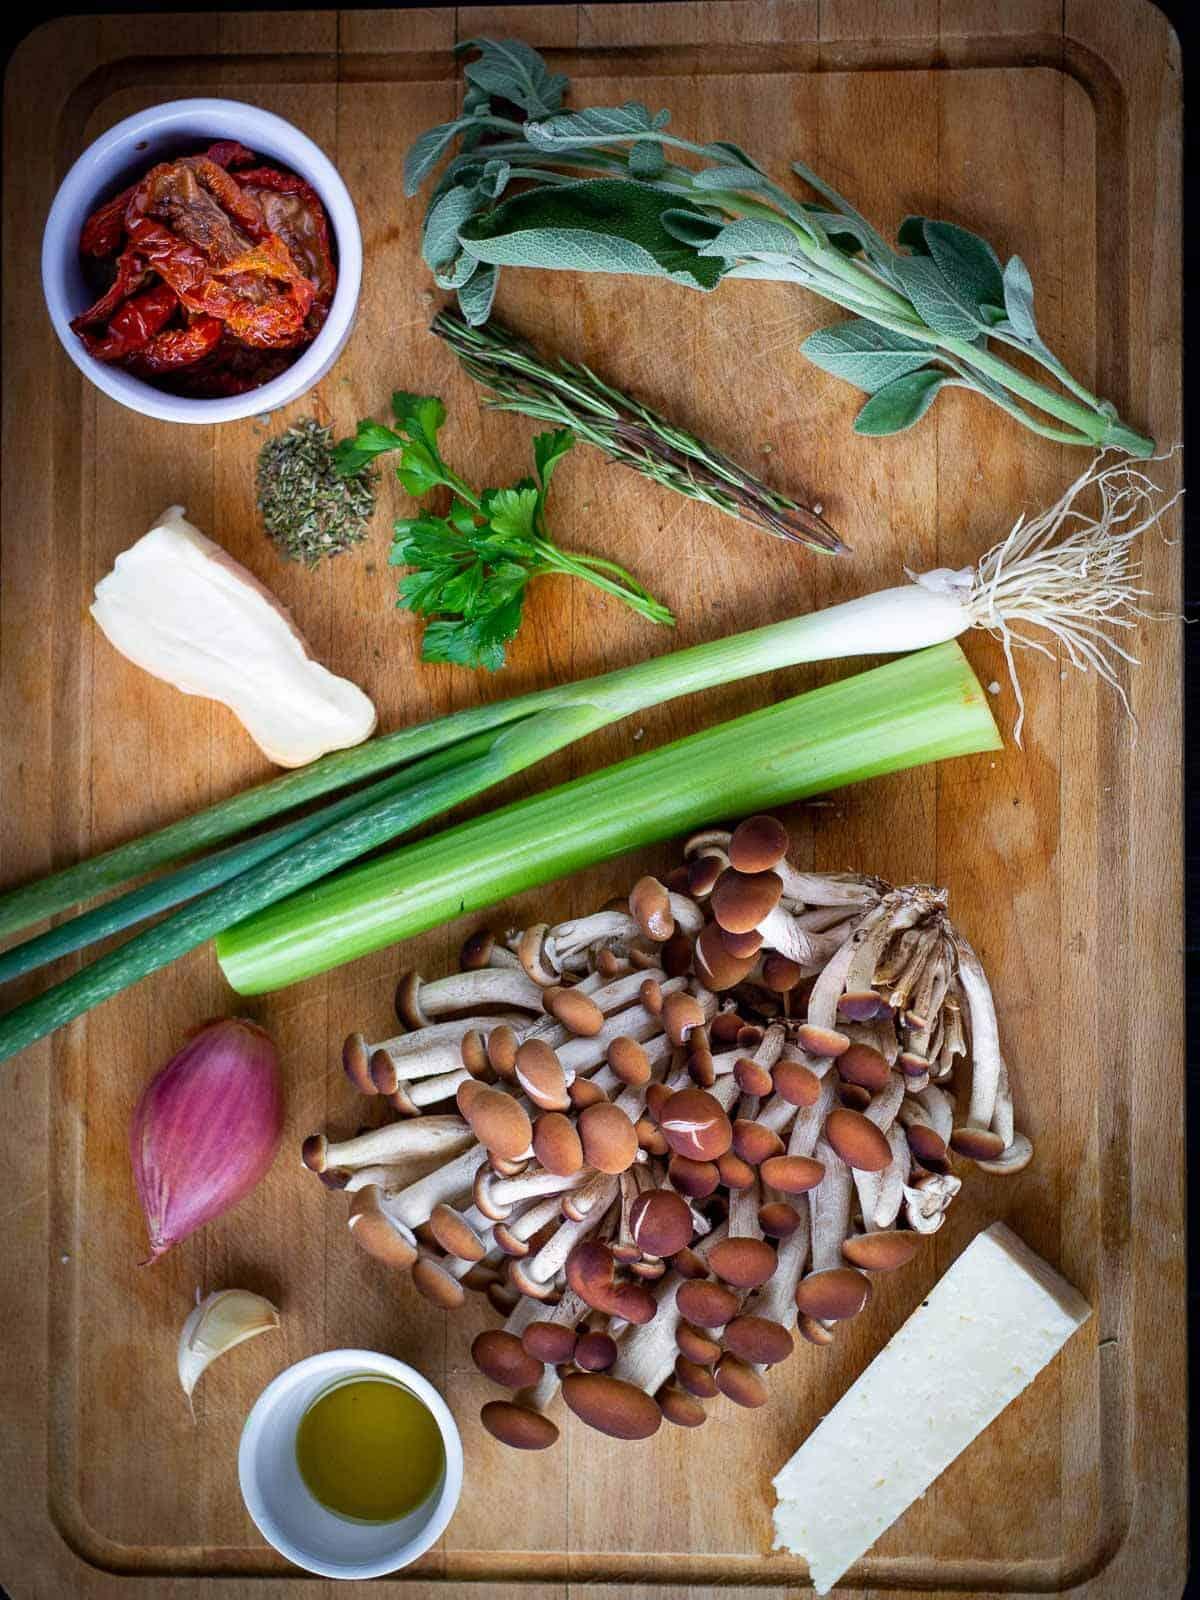 Herbs Stuffed Mushrooms ingredients